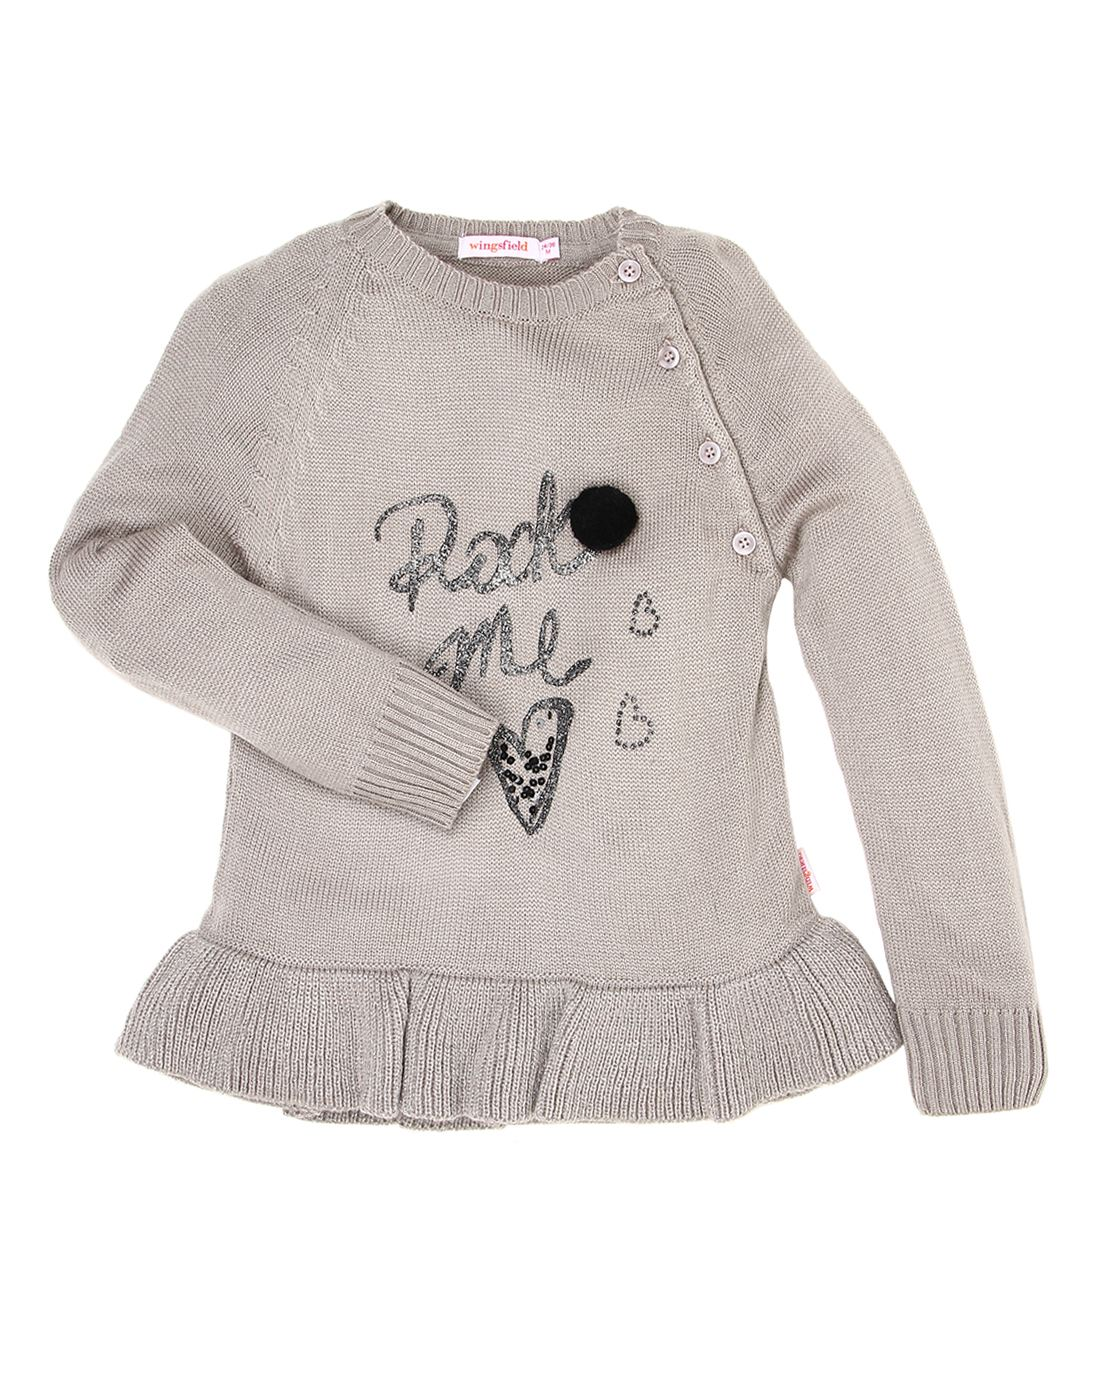 Wingsfield Grey Baby Girl Winter Wear Dress